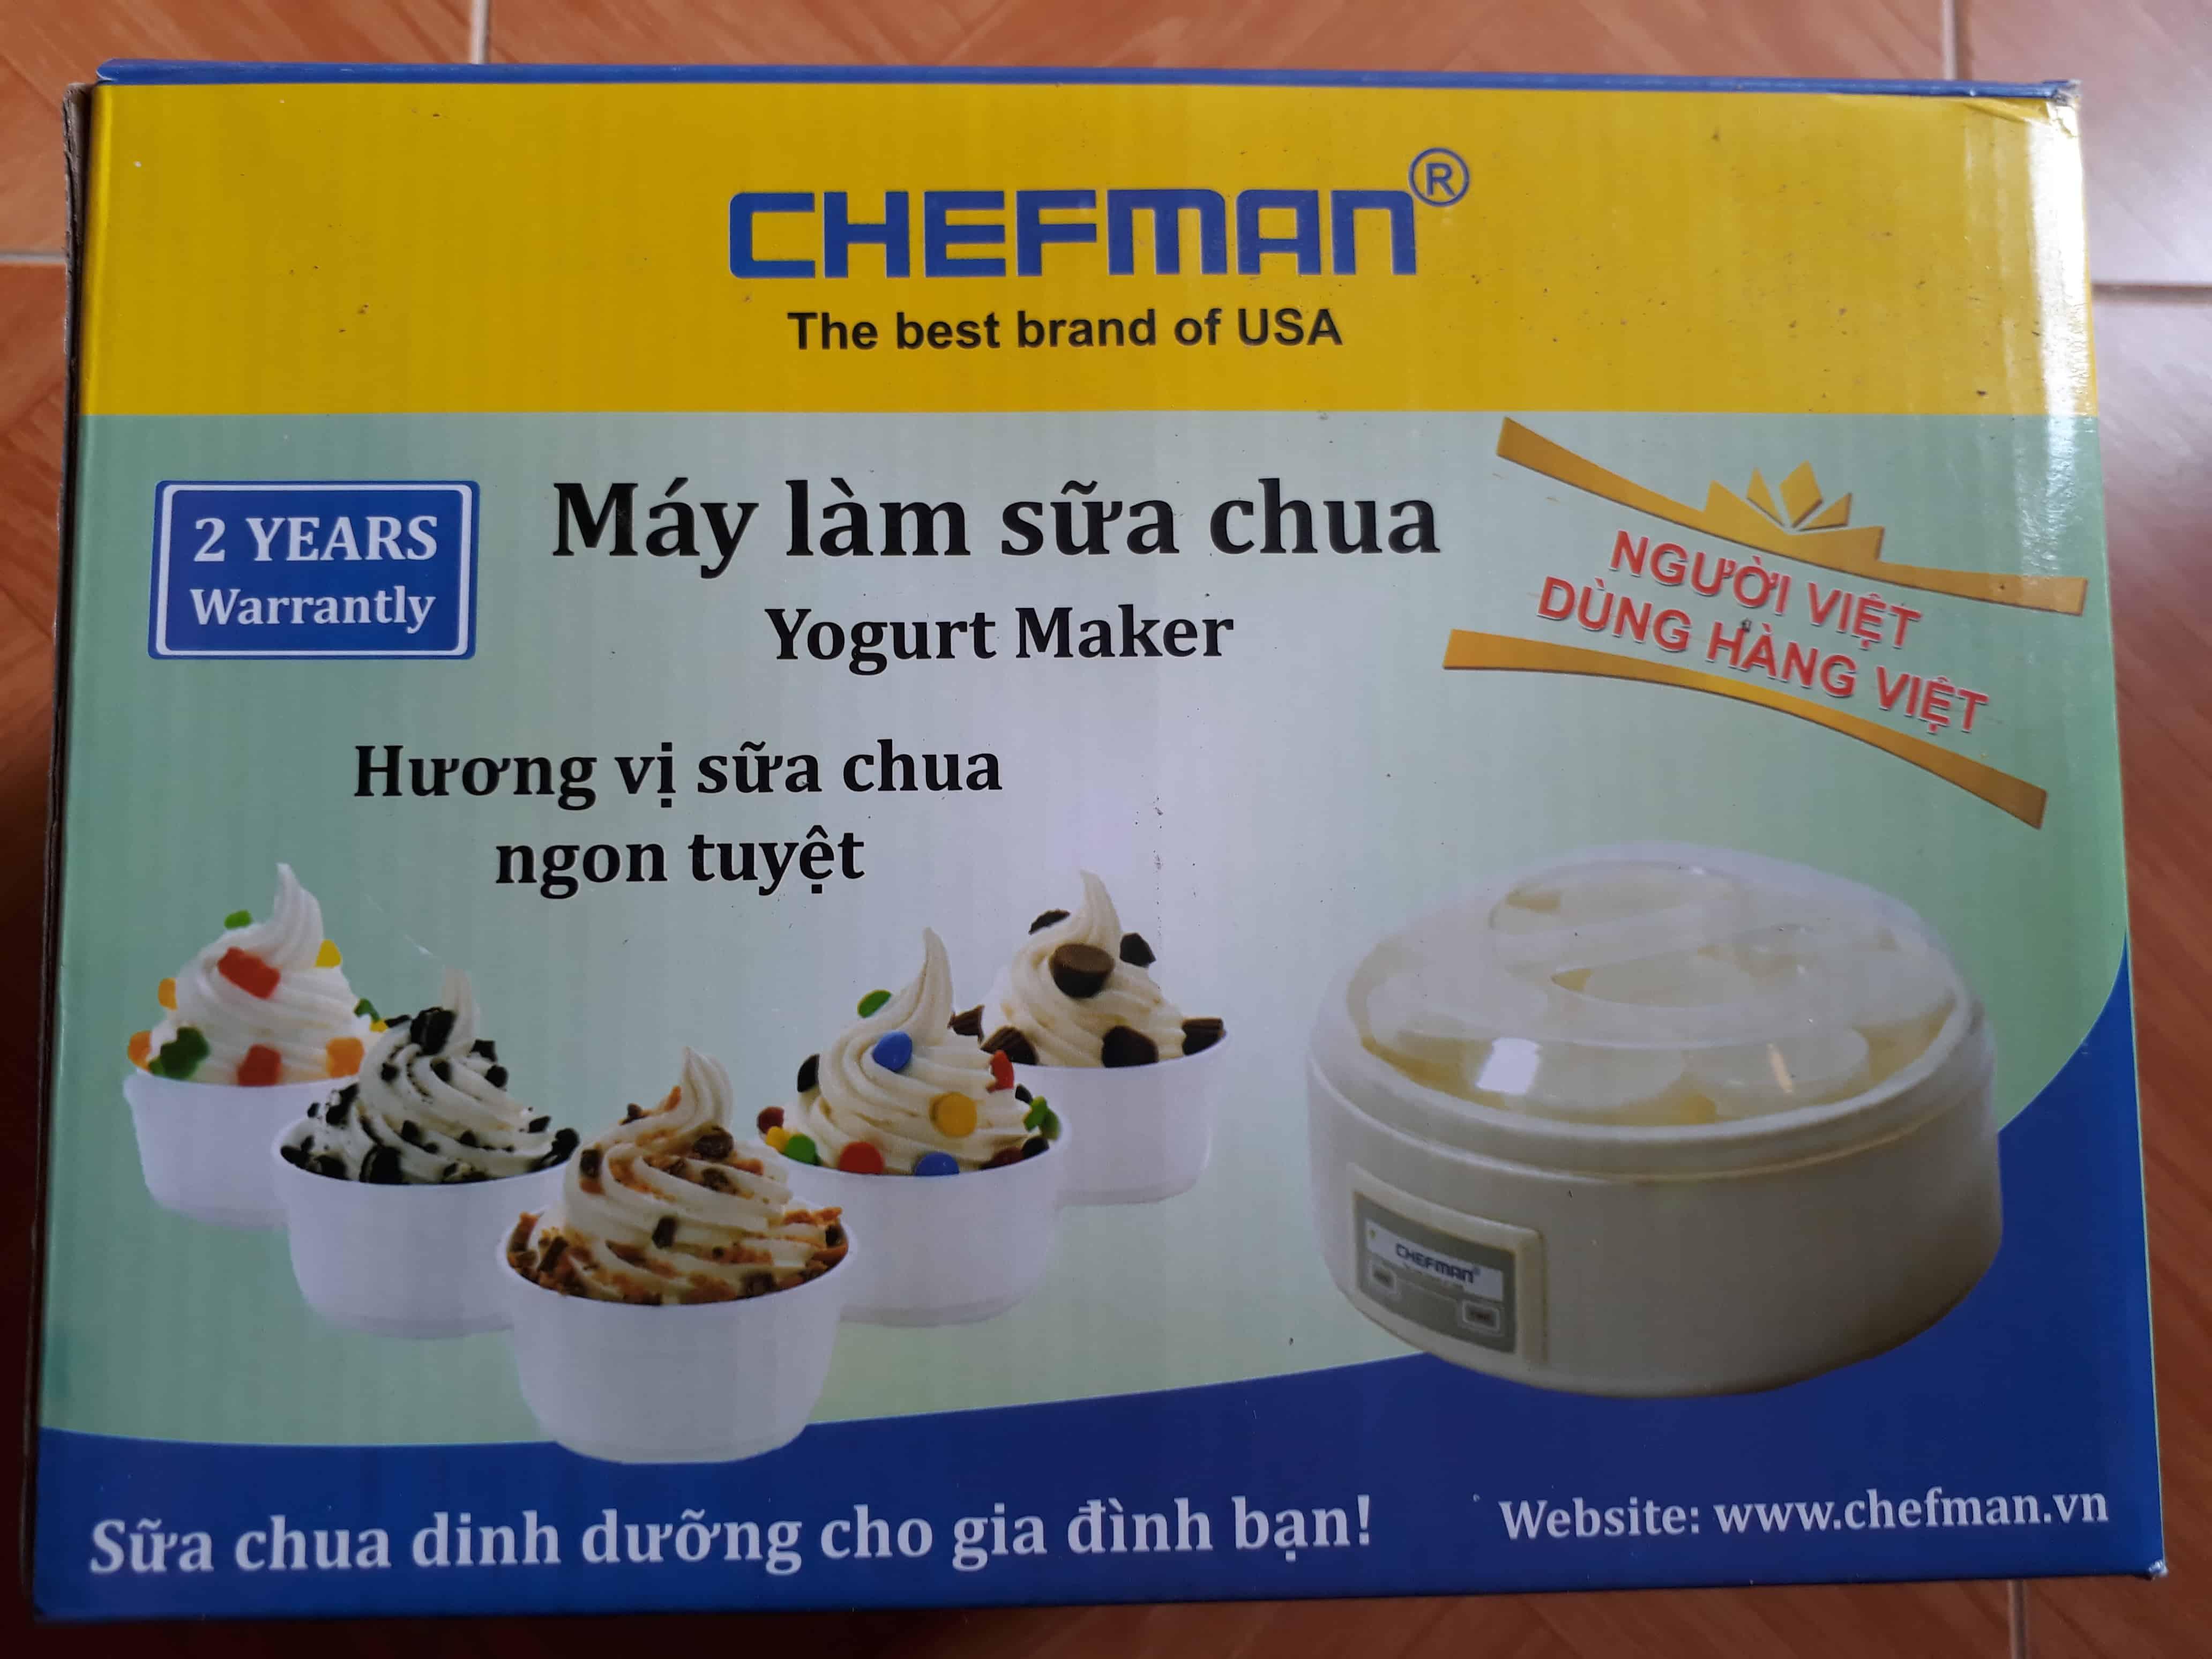 danh-gia-may-lam-sua-chua-gia-re-thuong-hieu-chefman-cm-302 (4)